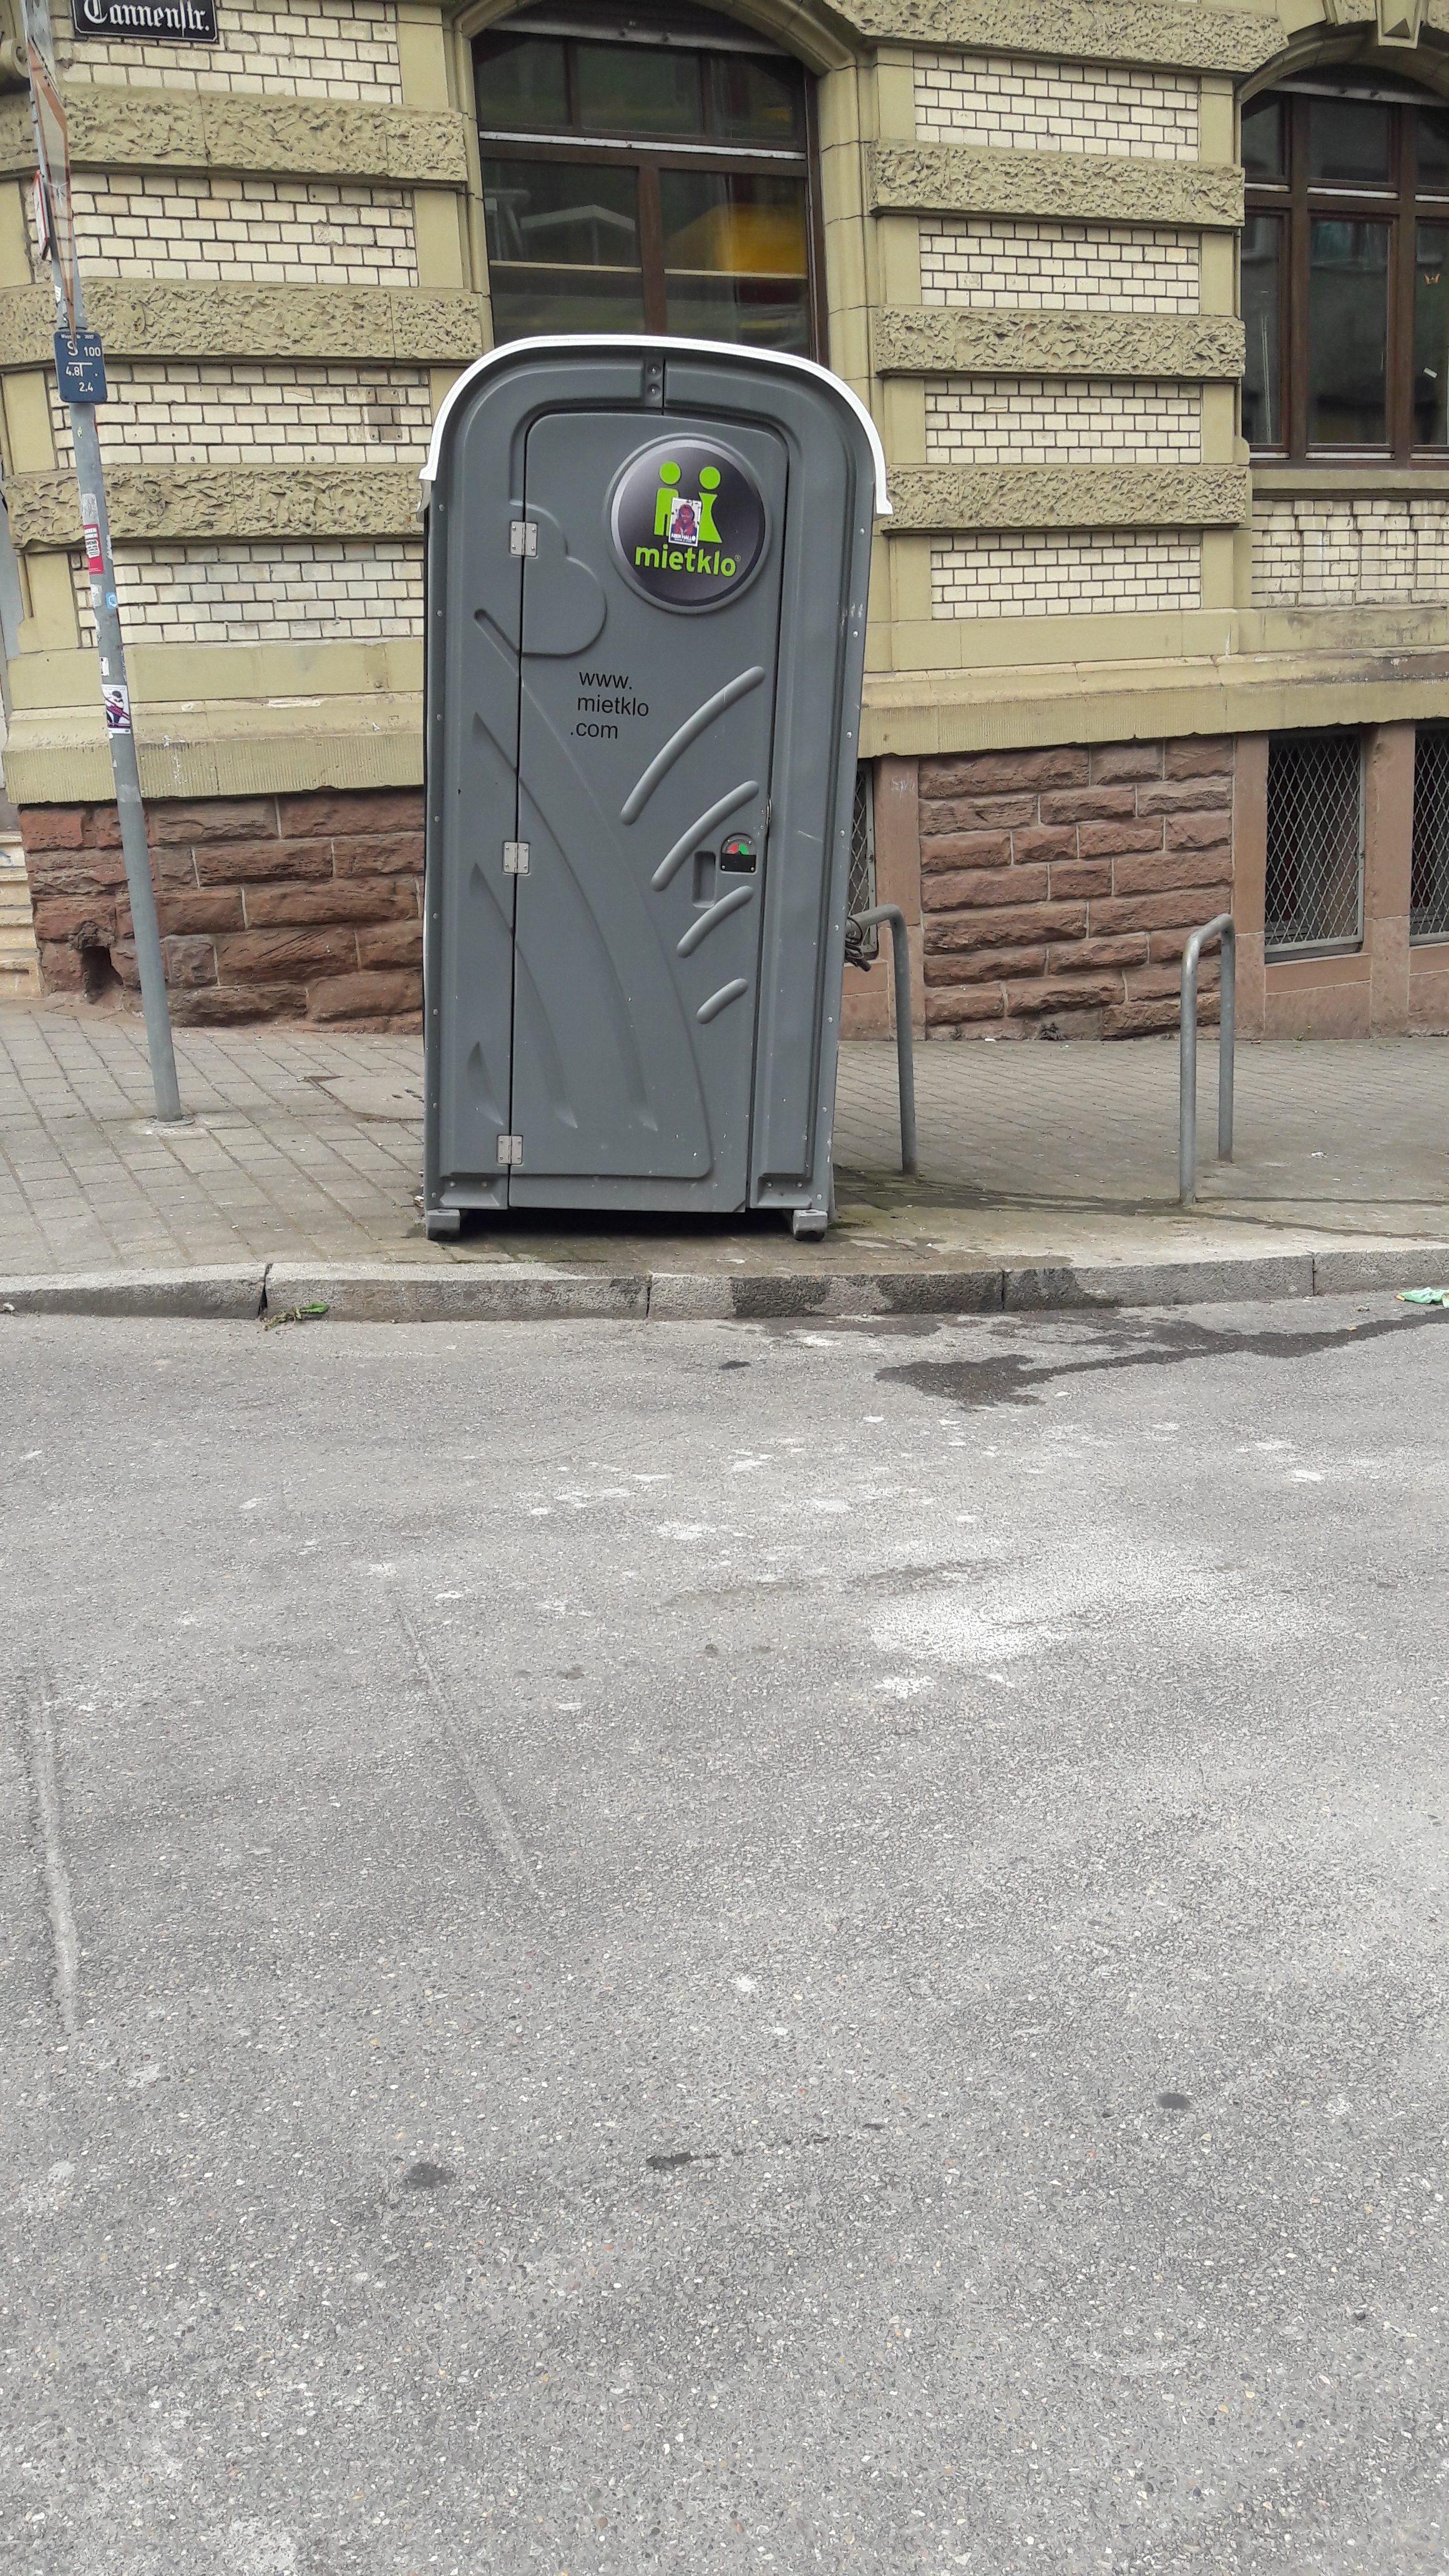 In den Querstraßen hält man sich bedeckter - in dezentem Grau, das eigentlich seit der Abort-a-porter 2014 nicht mehr fashion ist.